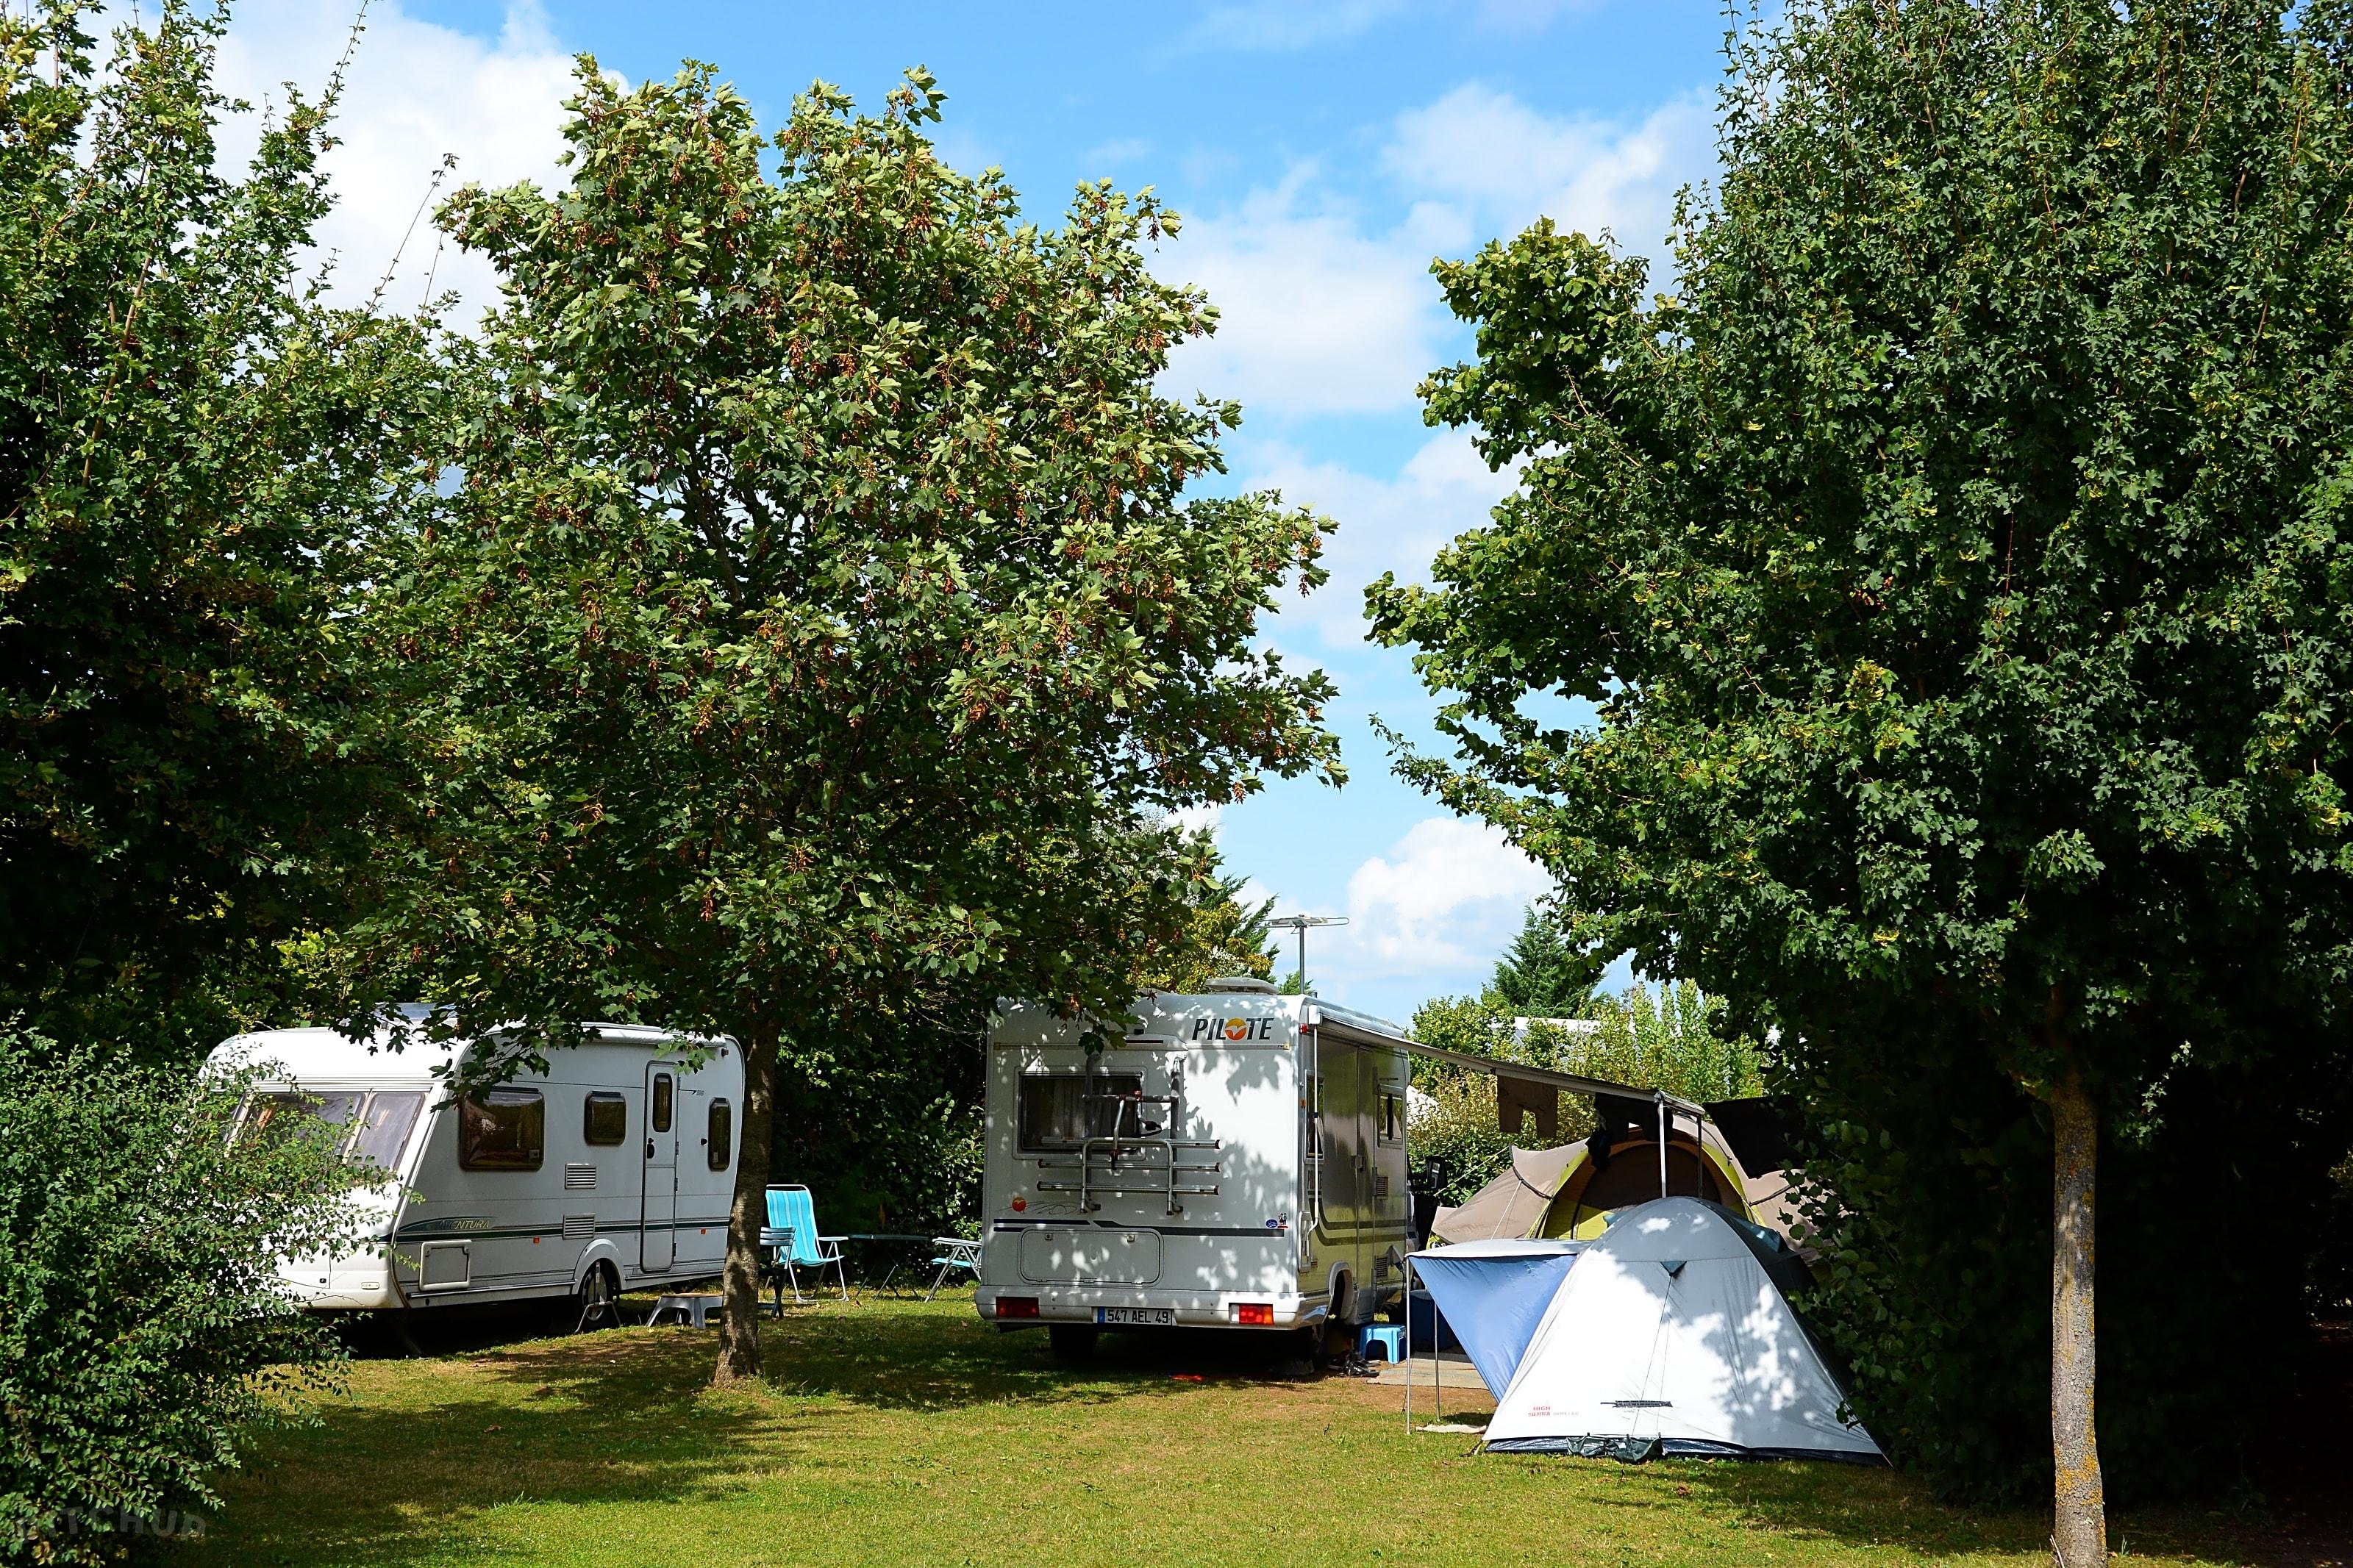 Liste de produits camping et prix camping page 150